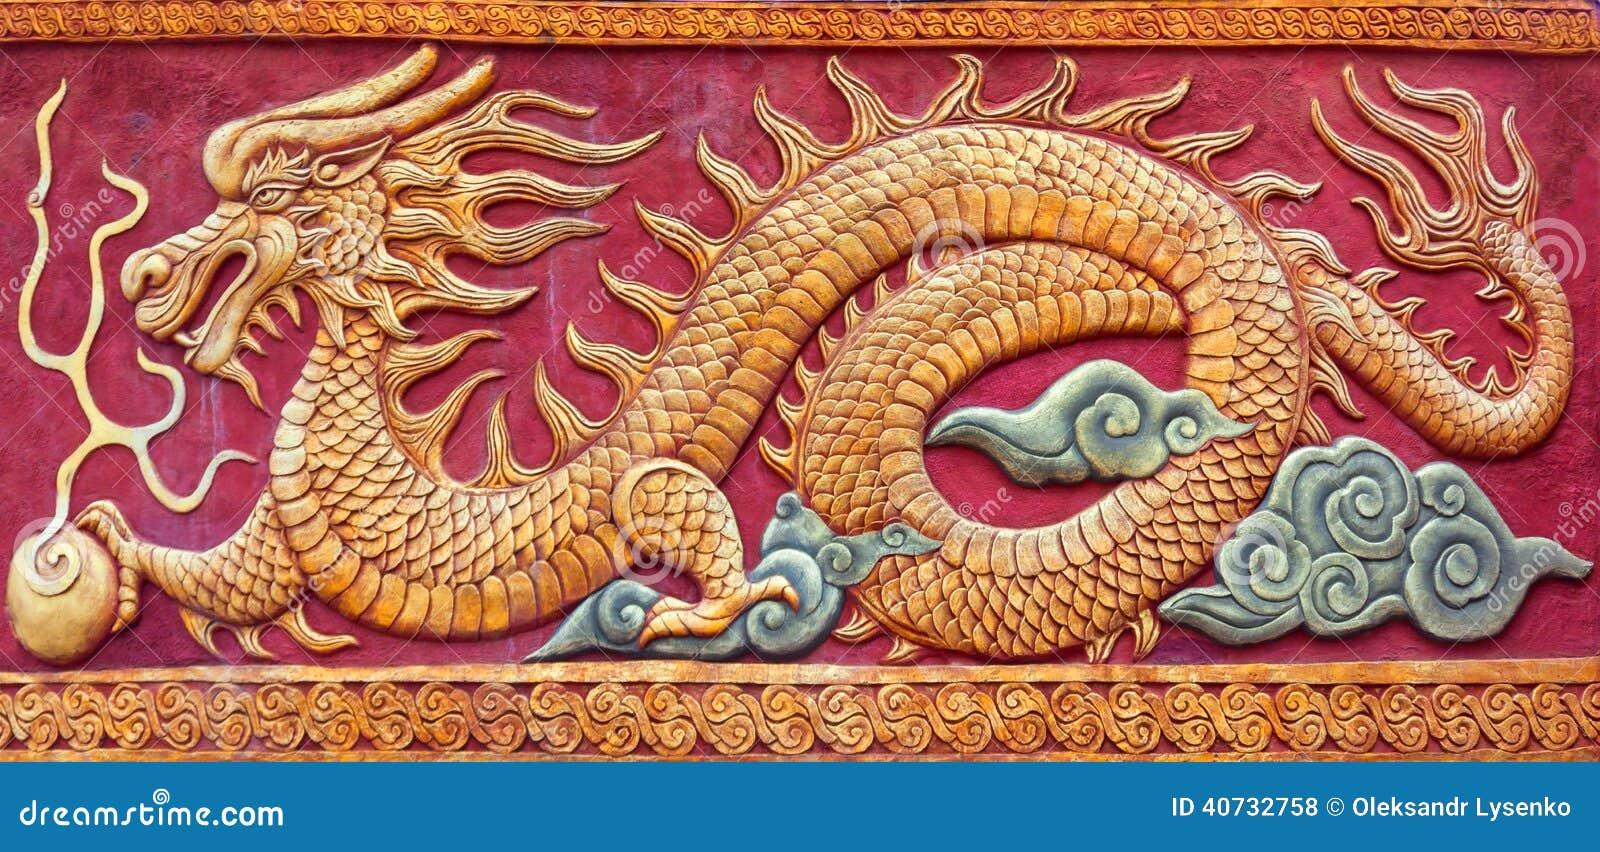 Peinture murale chinoise de dragon photo stock image for Types de peintures murales